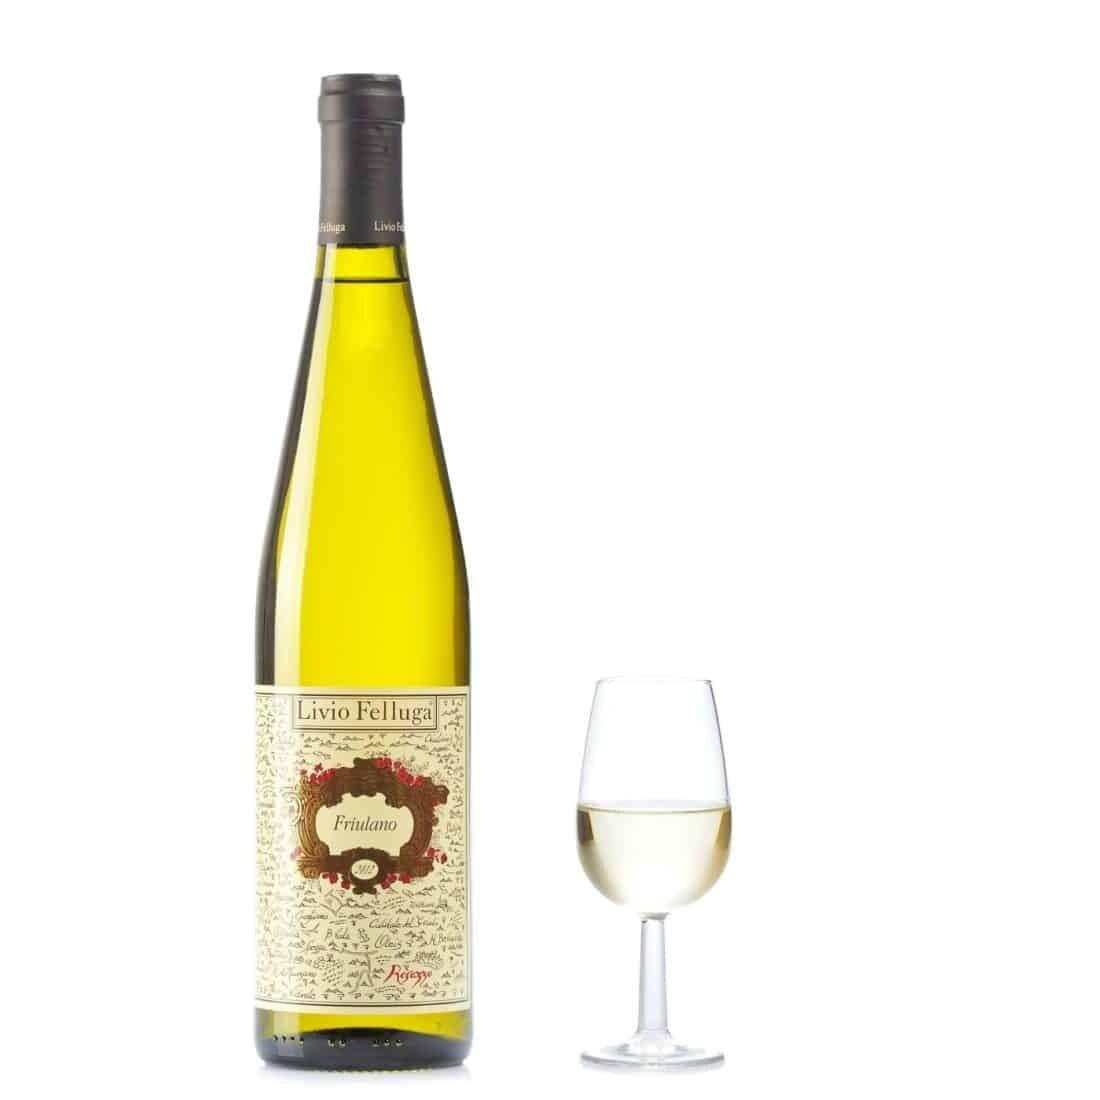 Eksempel på fremragende hvidvin fra Friuli felluga-friulano